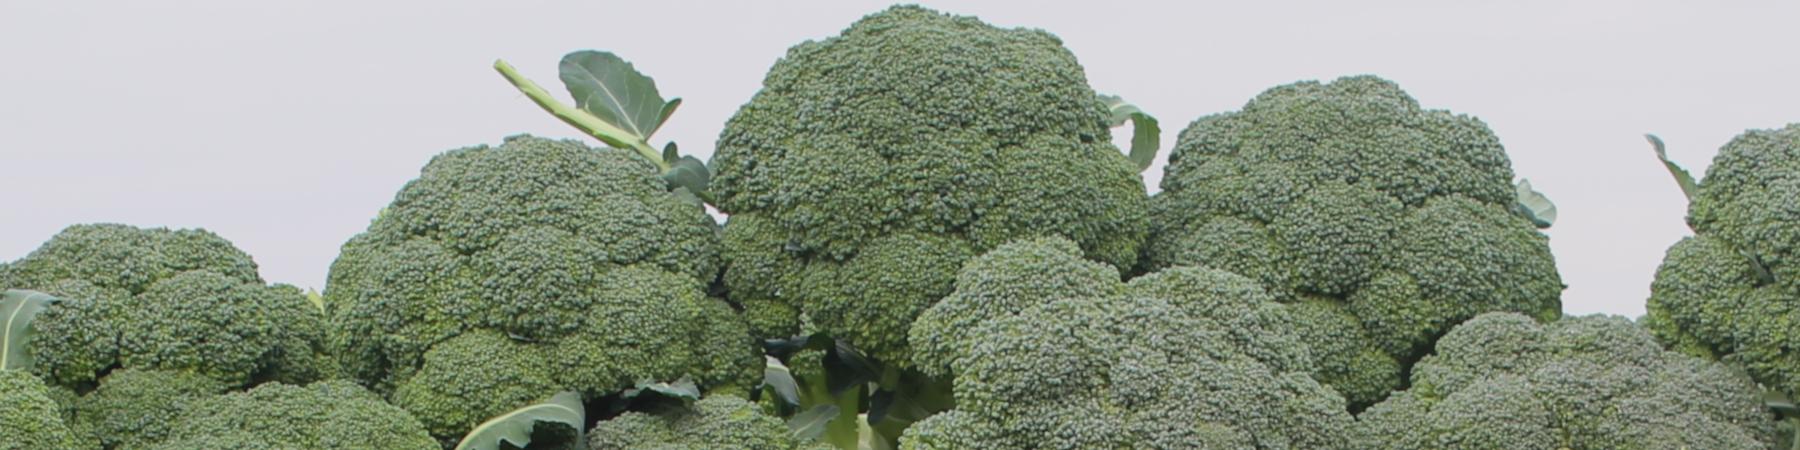 Productos Hortícolas: Brócoli - Productos Las Marismas de Lebrija